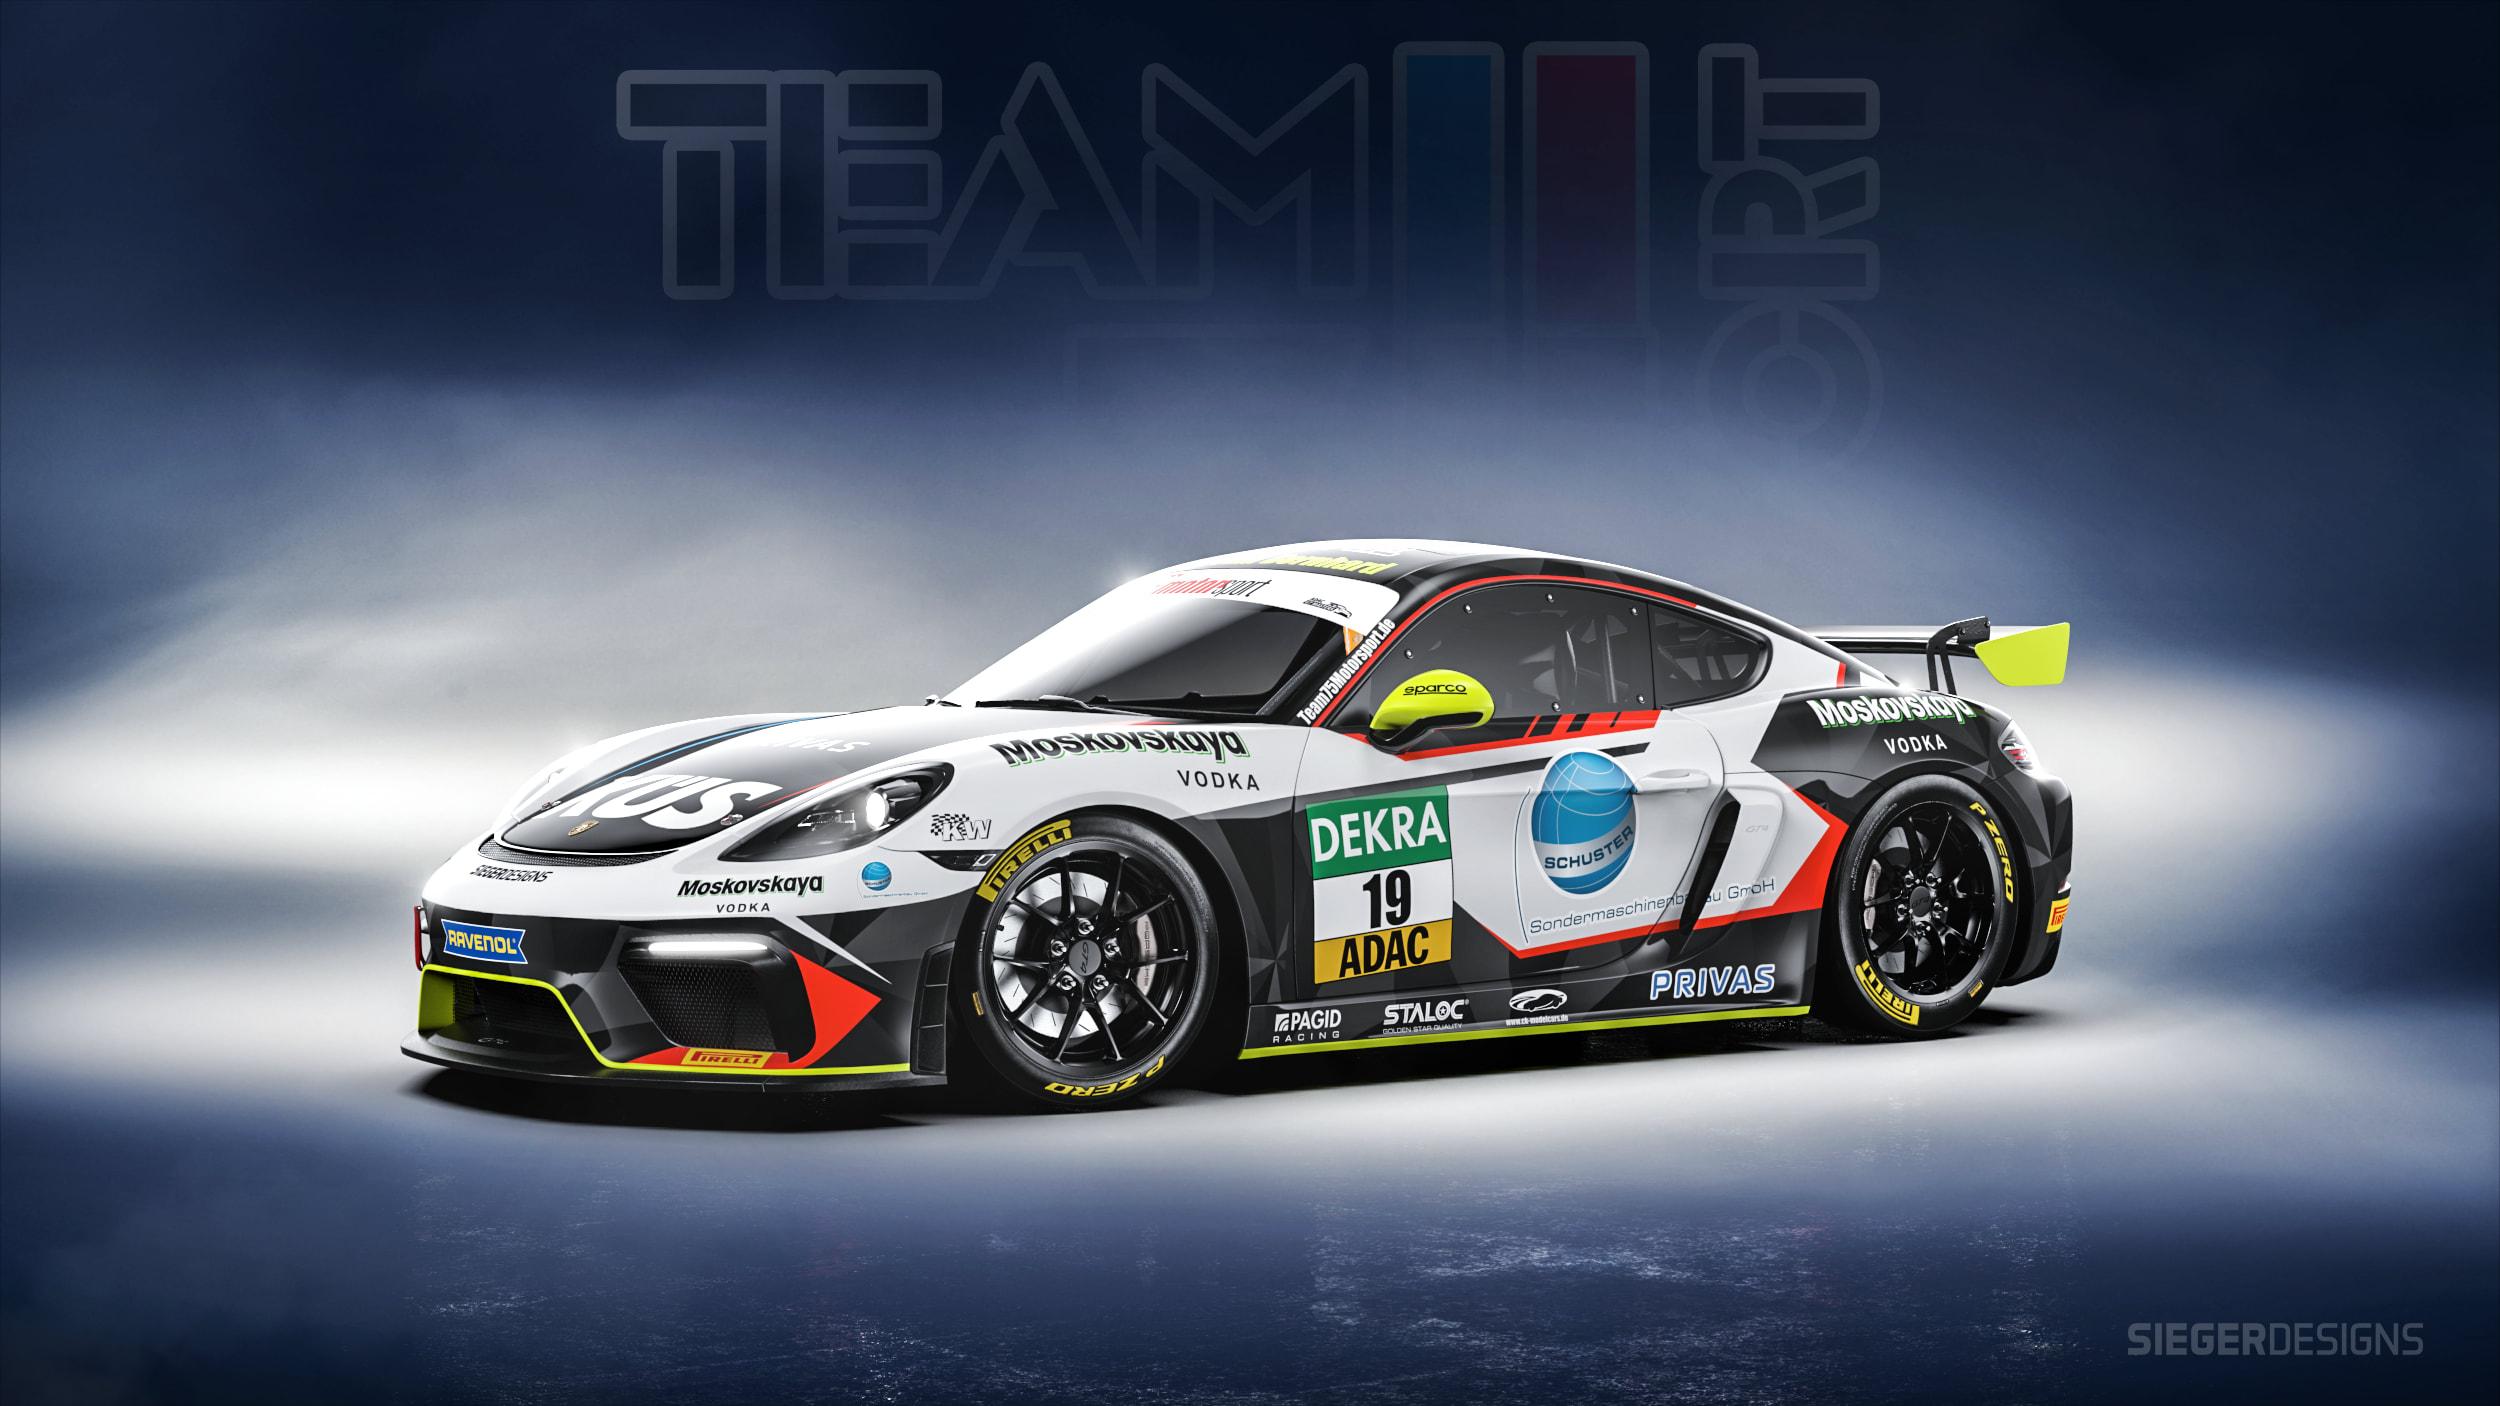 Neues Design für den Team75-Cayman GT4